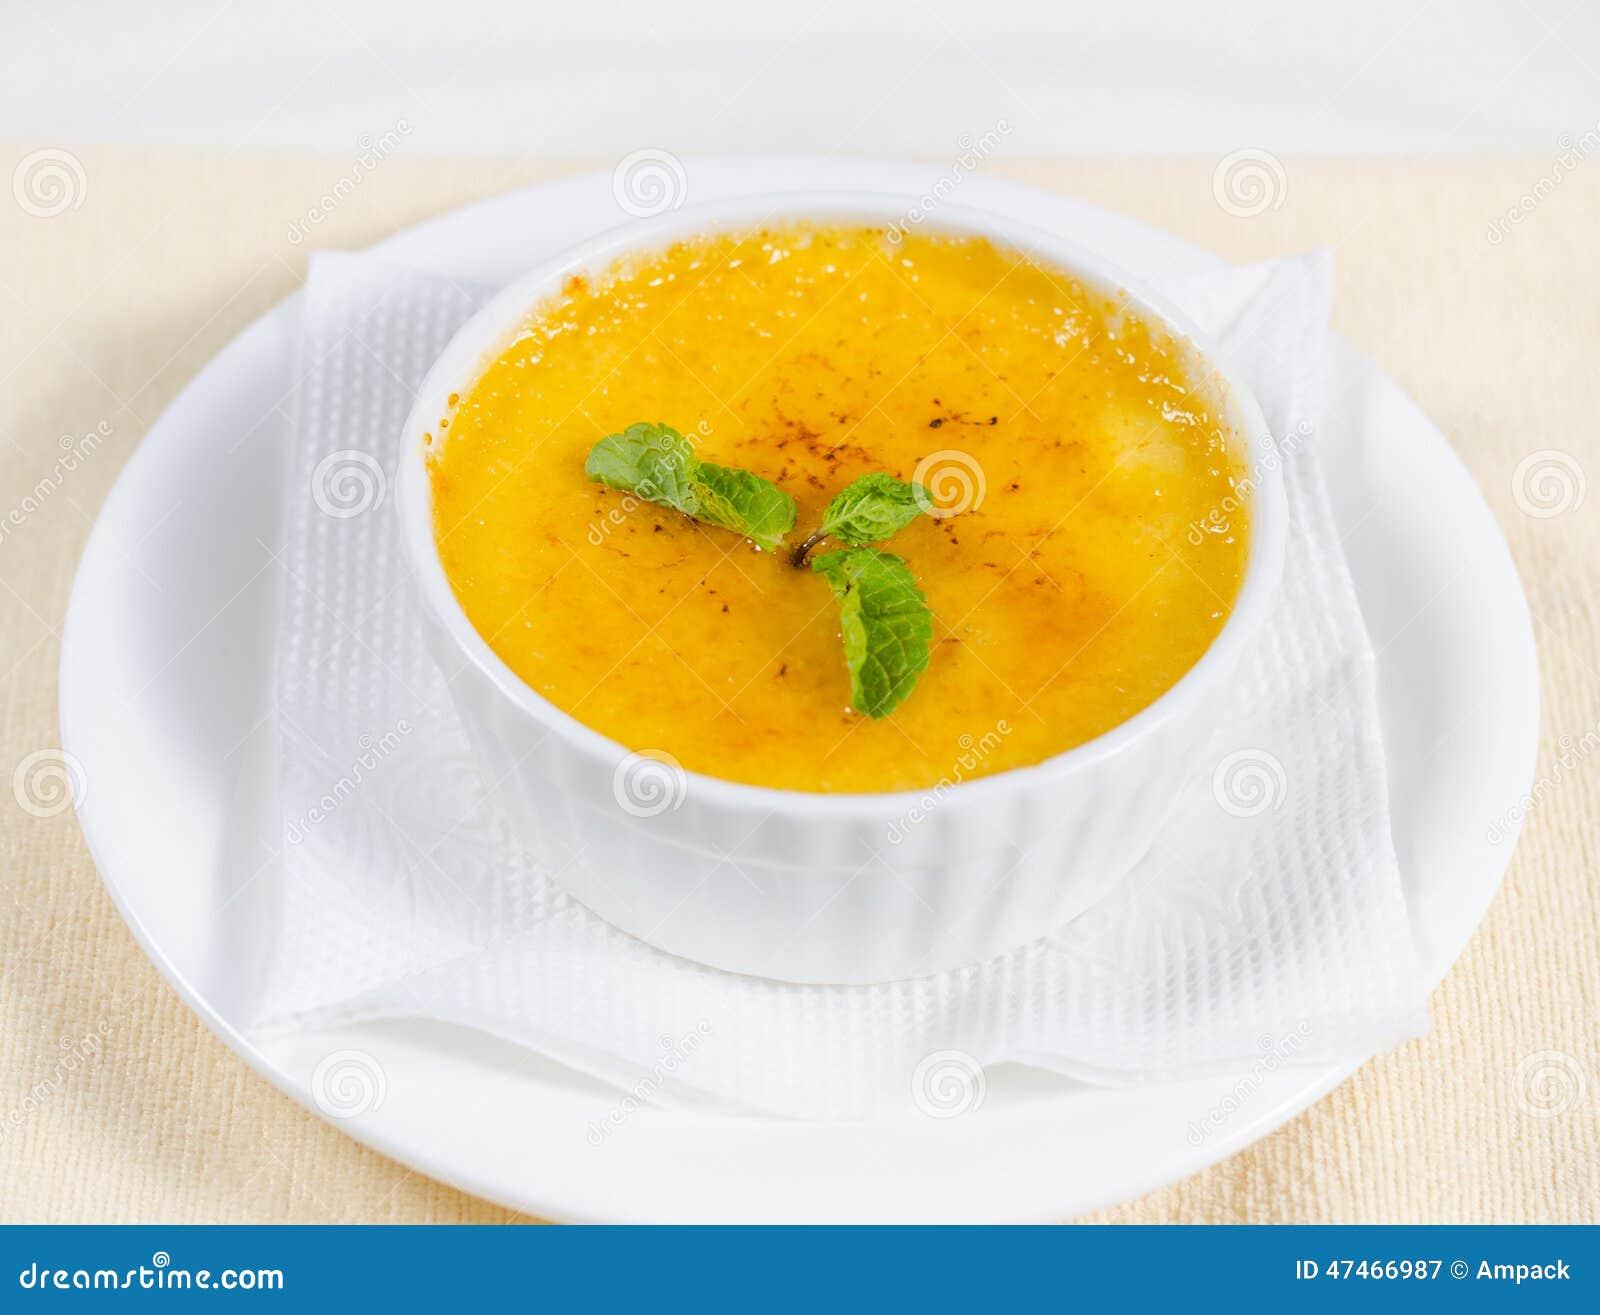 soupe de potiron a la menthe